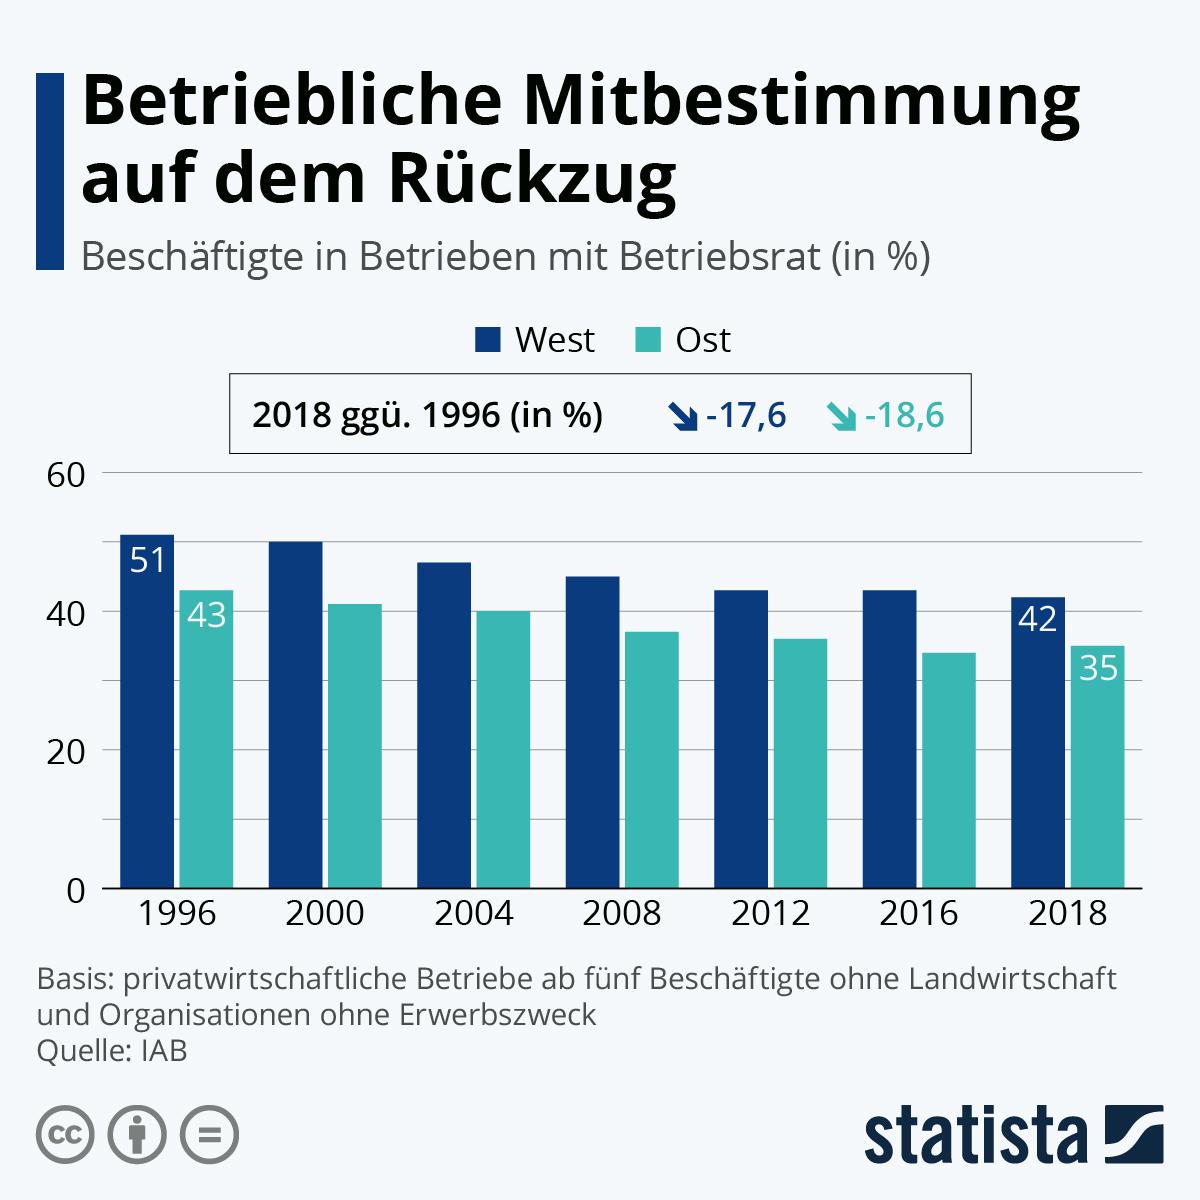 Infografik: Betriebliche Mitbestimmung auf dem Rückzug | Statista